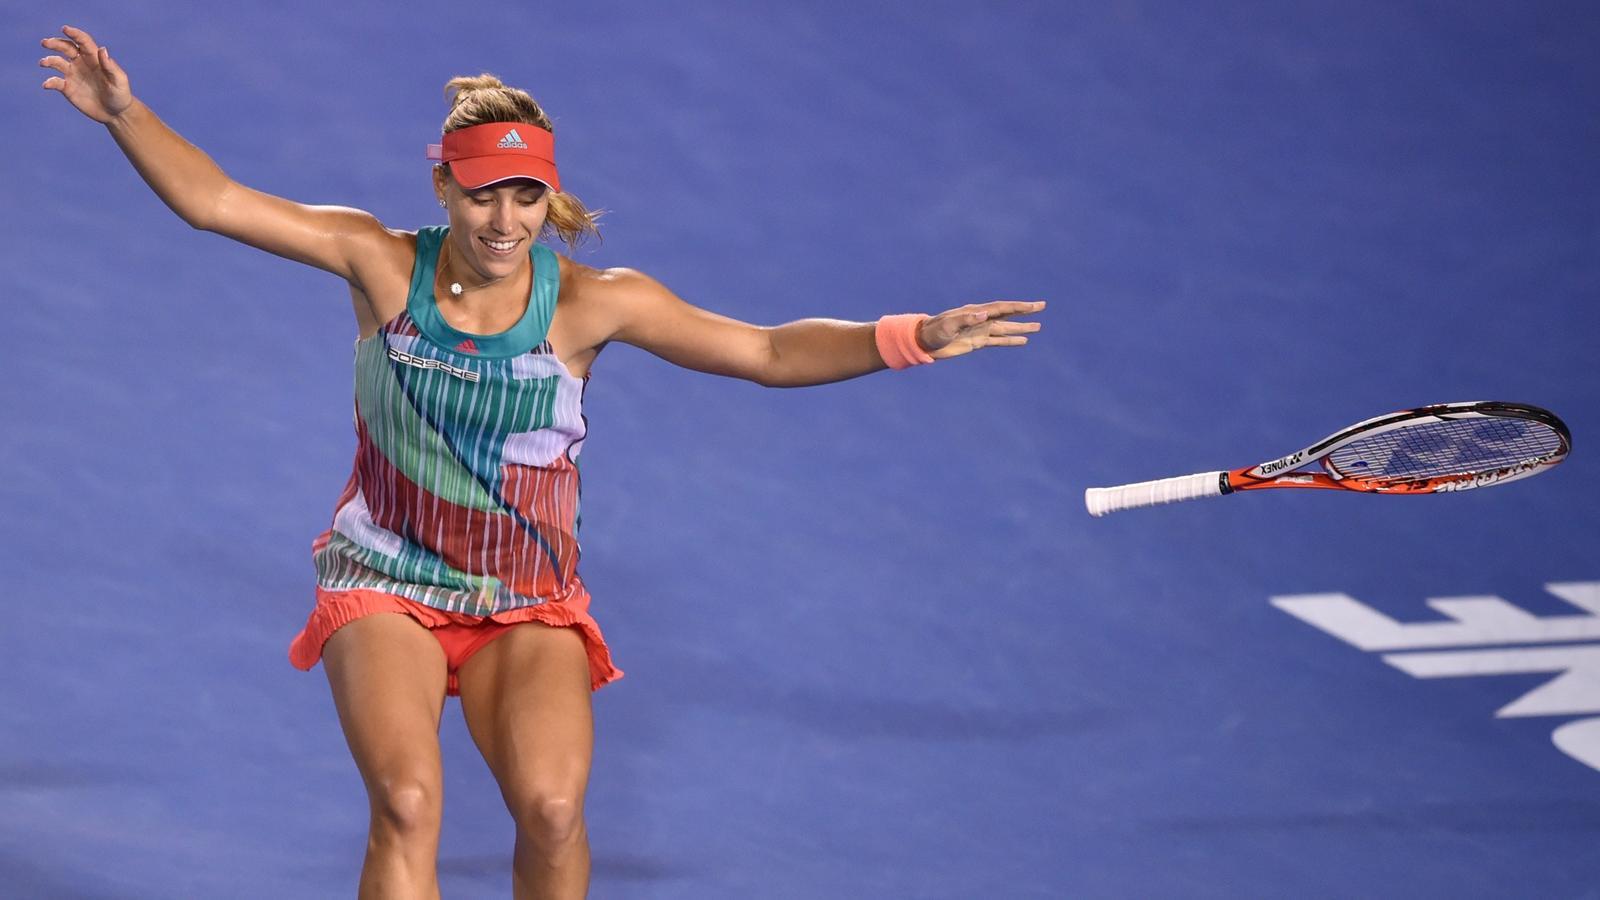 Angelique Kerber - Australian Open champion